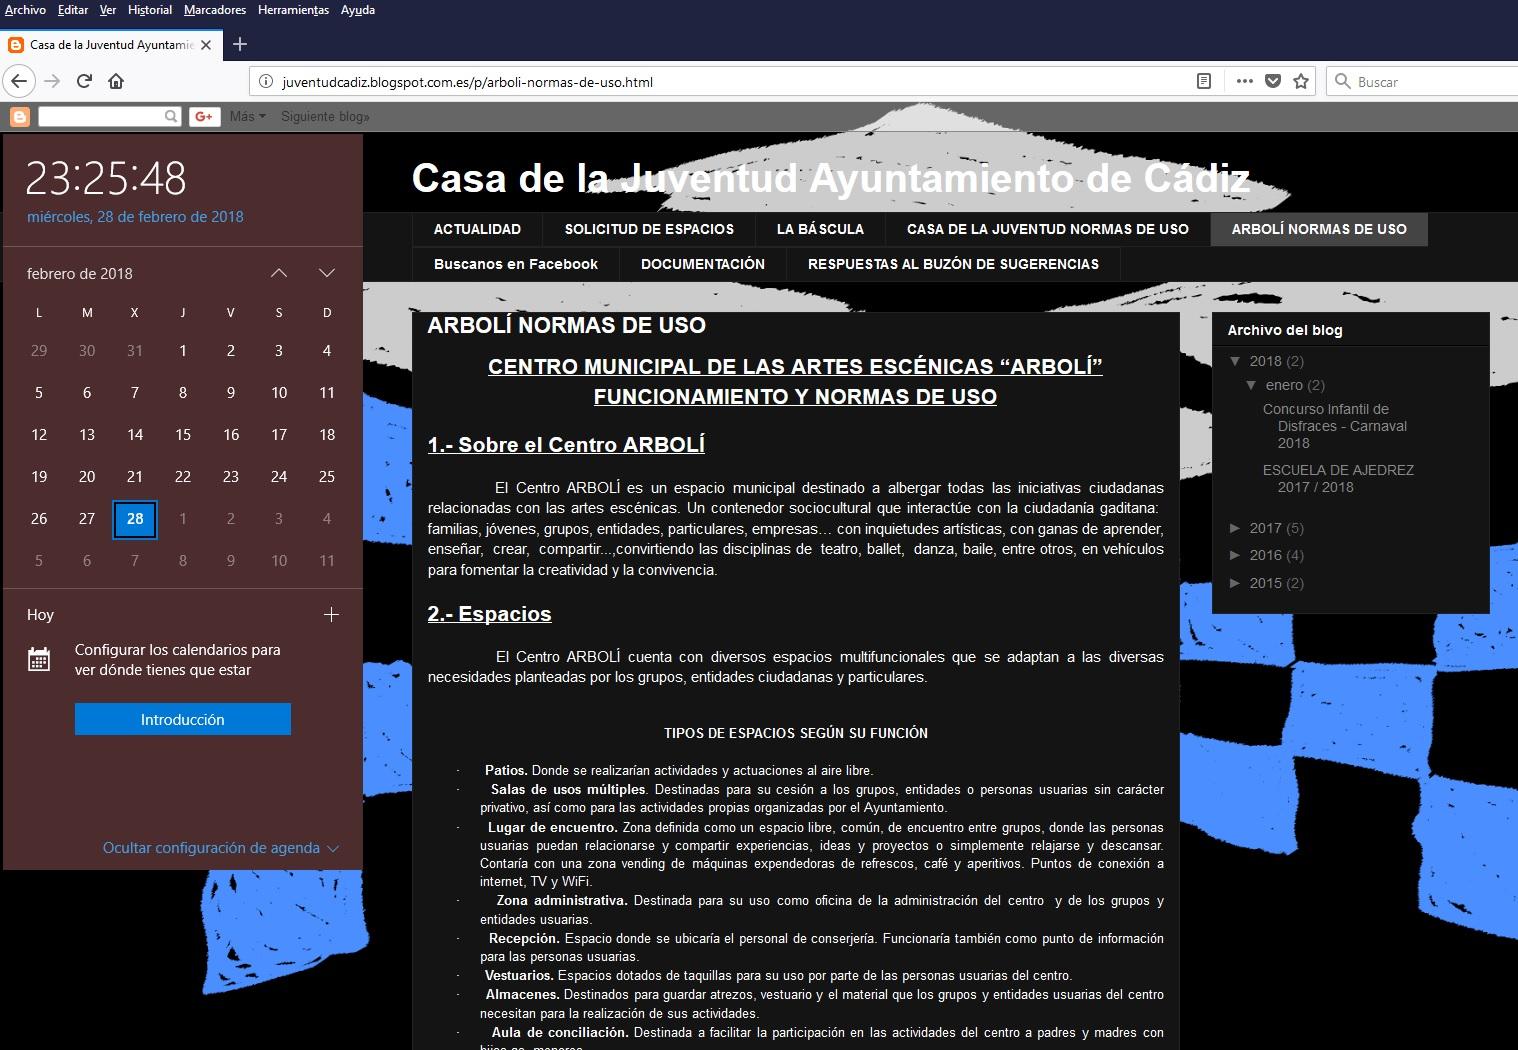 """Captura de pantalla de las normas de uso del Centro Municipal de las Artes Escénicas """"Arbolí"""" del Ayuntamiento de Cádiz, hecha hoy 28 de febrero de 2018 a las 23:25:48"""